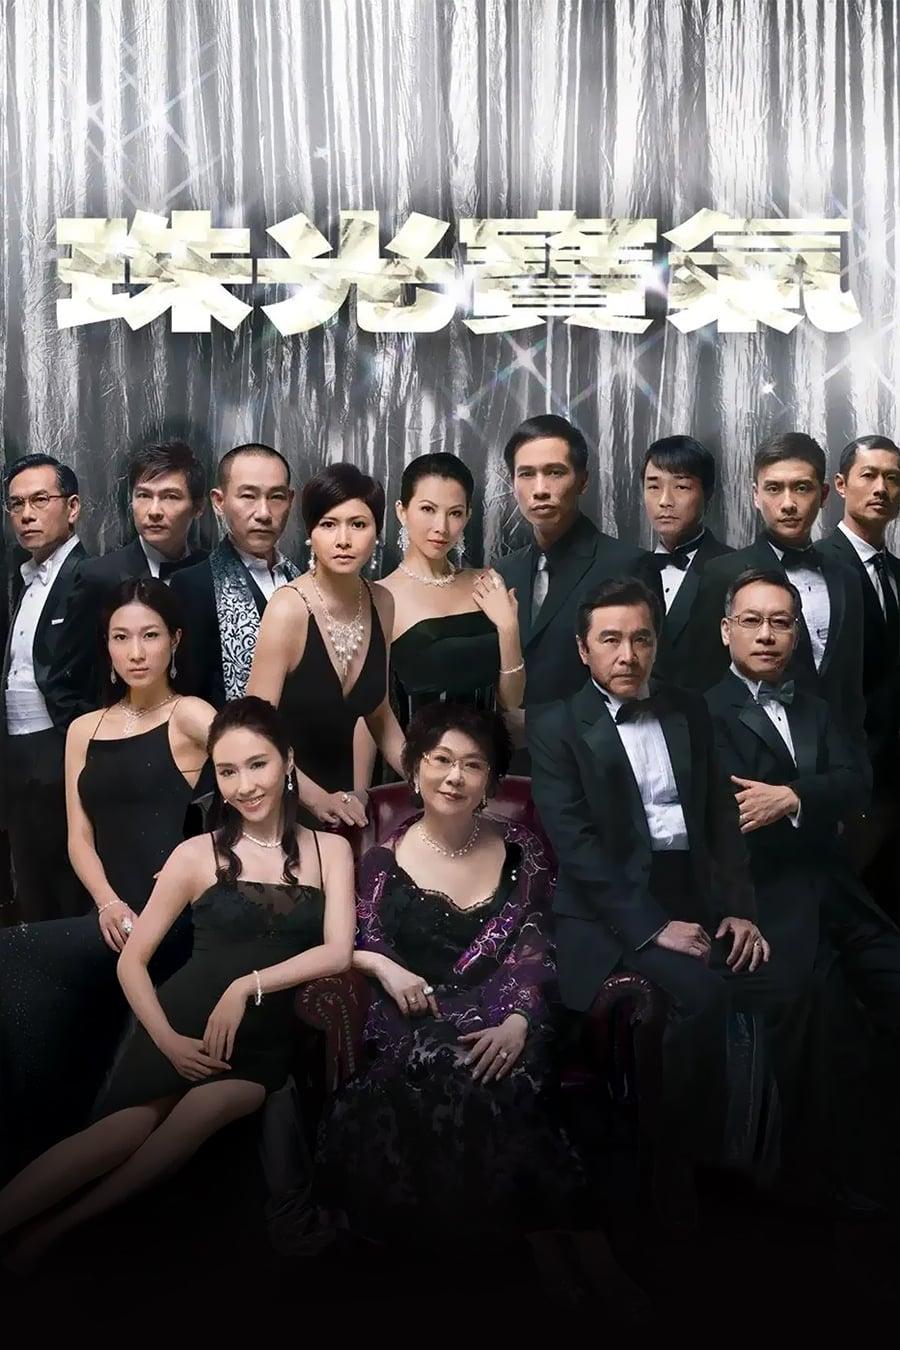 珠光寶氣 TV Shows About Wealthy